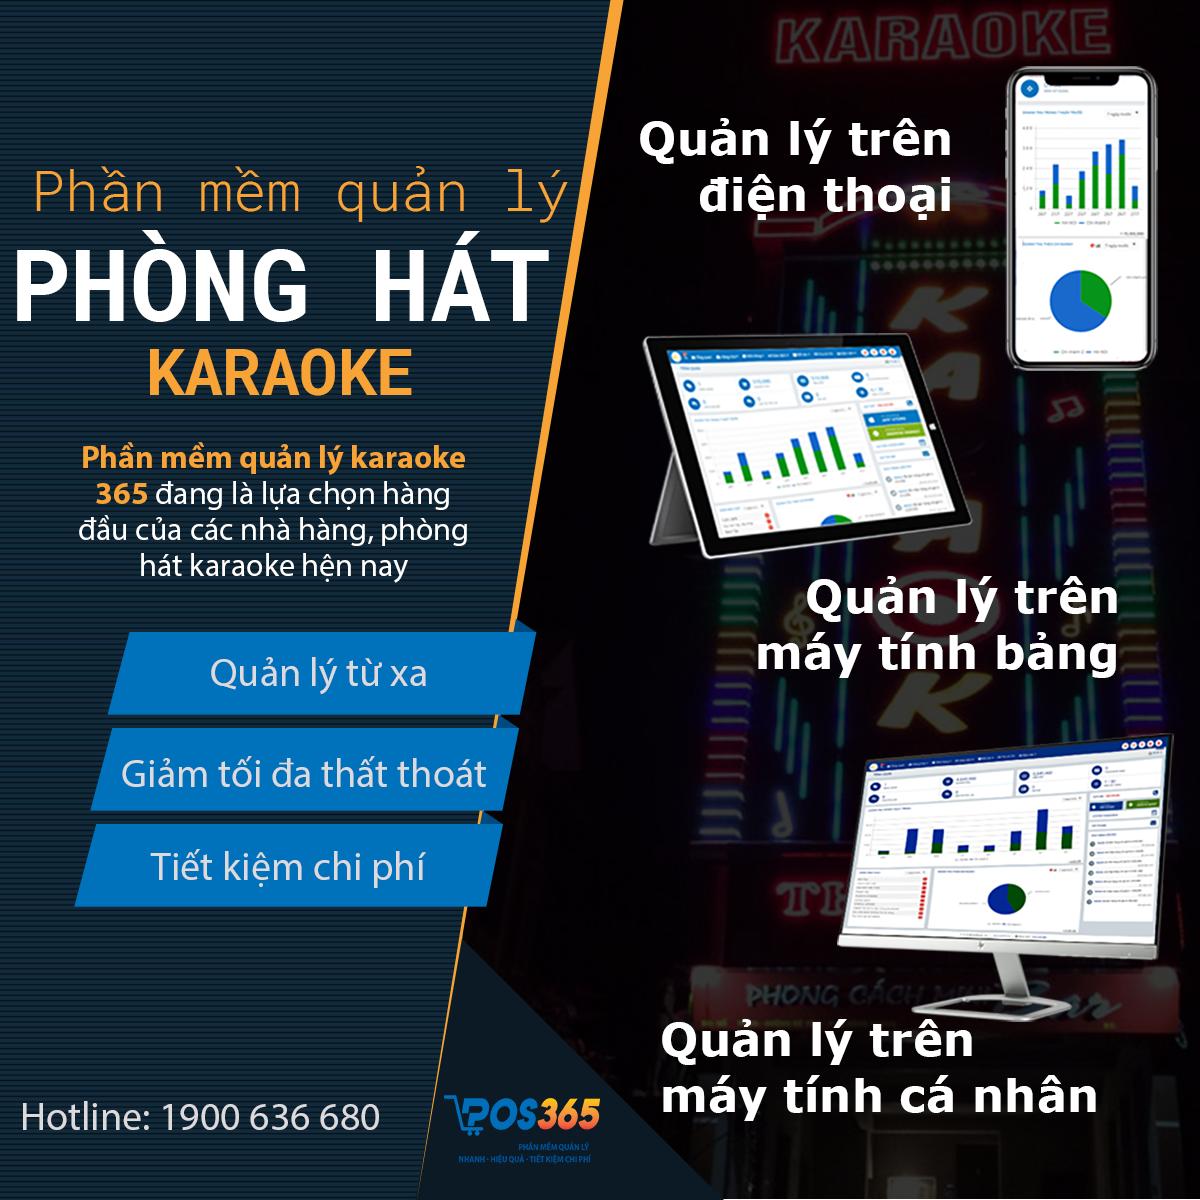 Lý do khách hàng lựa chọn phần mềm quản lý karaoke POS365